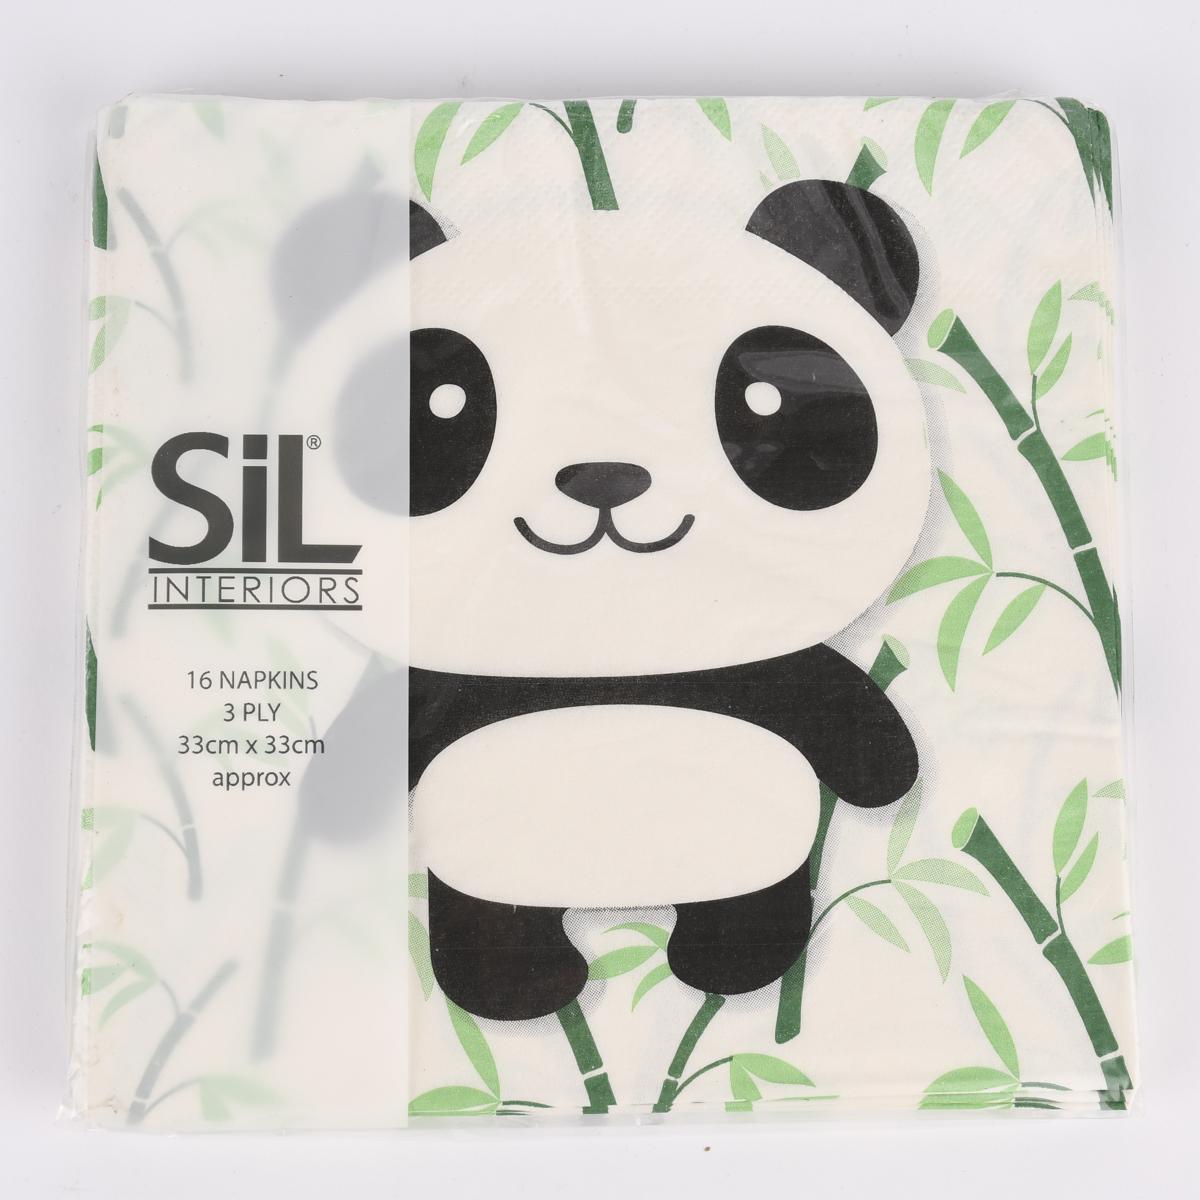 Serviette Panda Bambus weiß schwarz grün 33x33cm 16 Stück verschiedene Motive